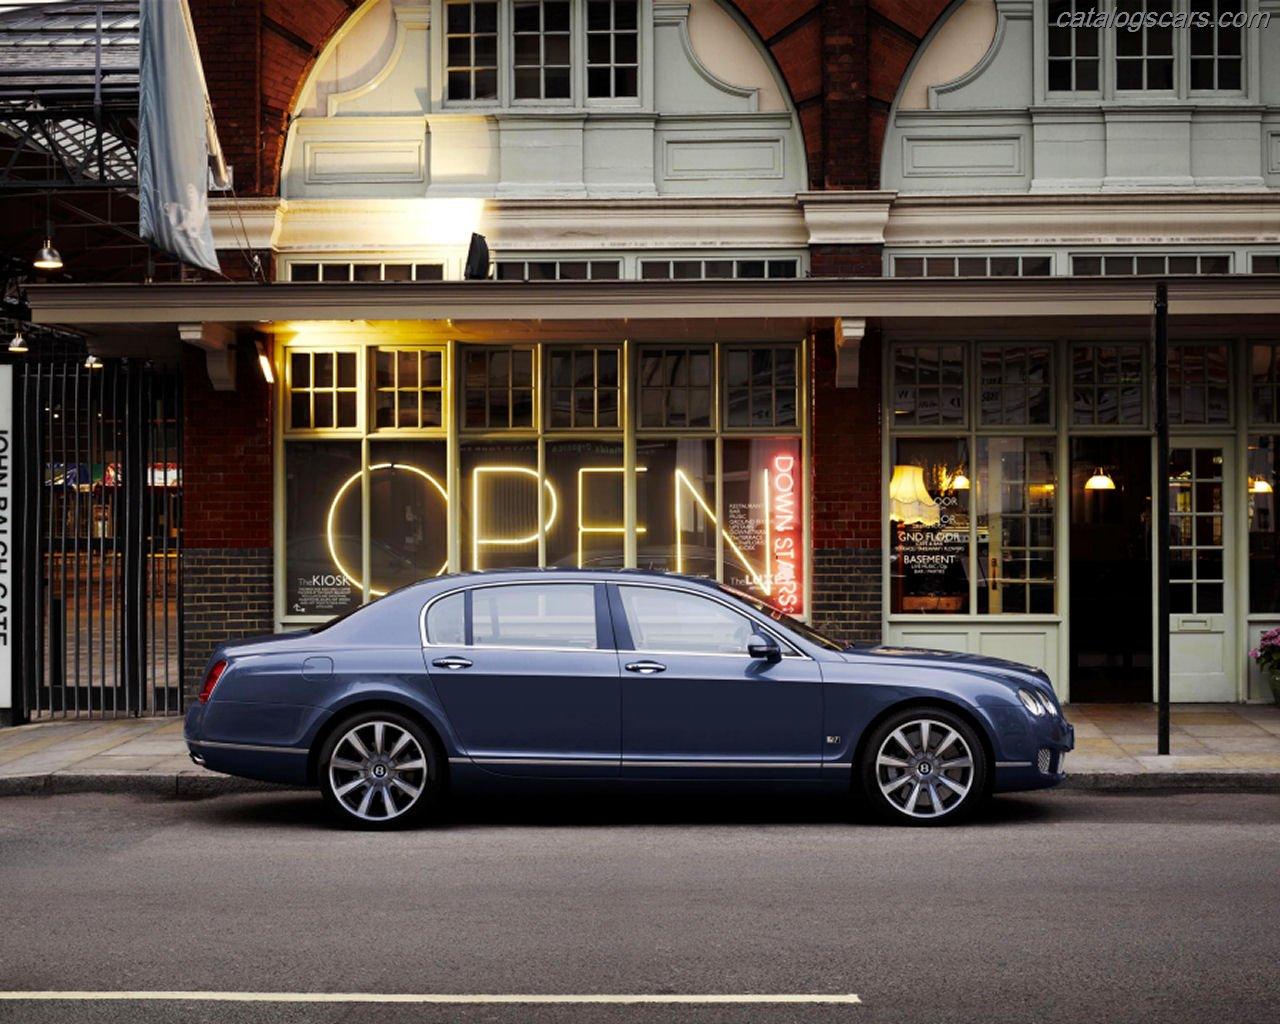 صور سيارة بنتلى كونتيننتال سيريس 51 2014 - اجمل خلفيات صور عربية بنتلى كونتيننتال سيريس 51 2014 - Bentley Continental Series 51 Photos Bentley-Continental-Series-51-2011-08.jpg